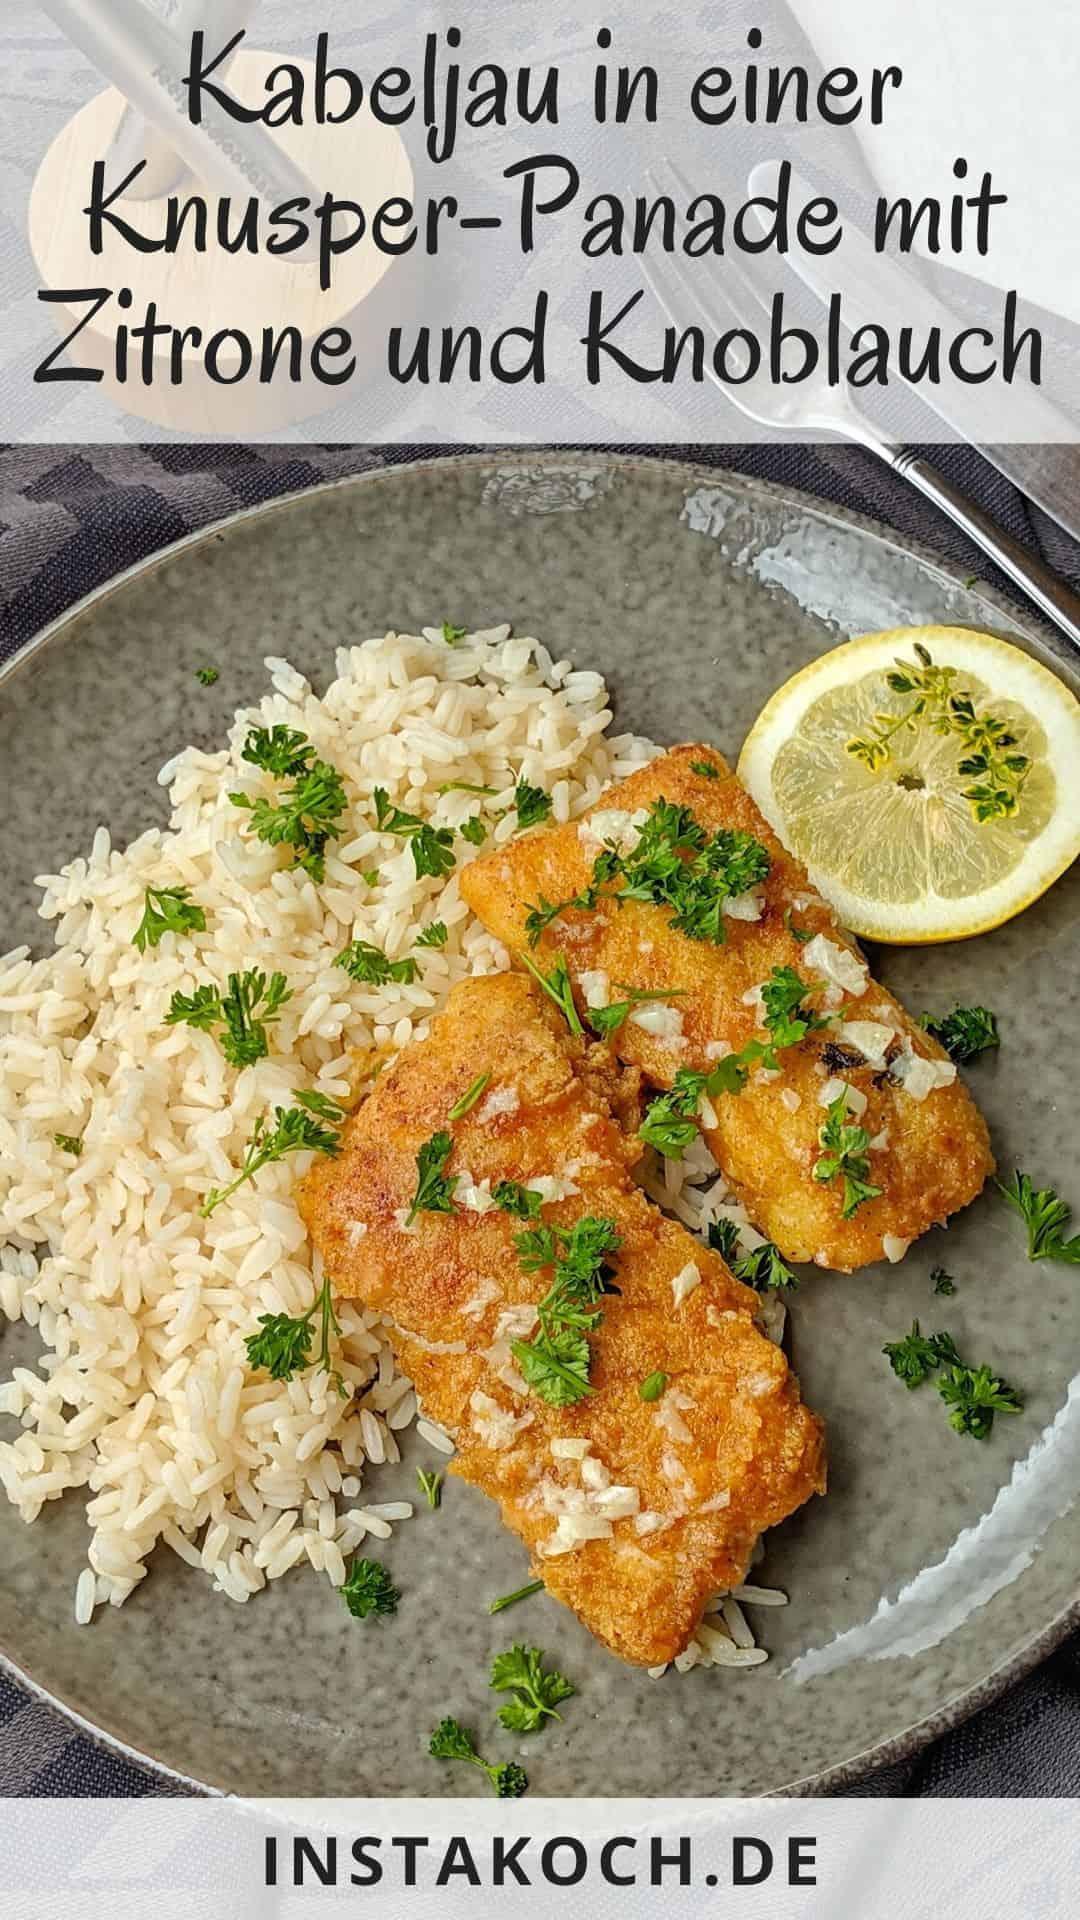 Panierter Fisch mit Reis auf einem dekorativen Teller.